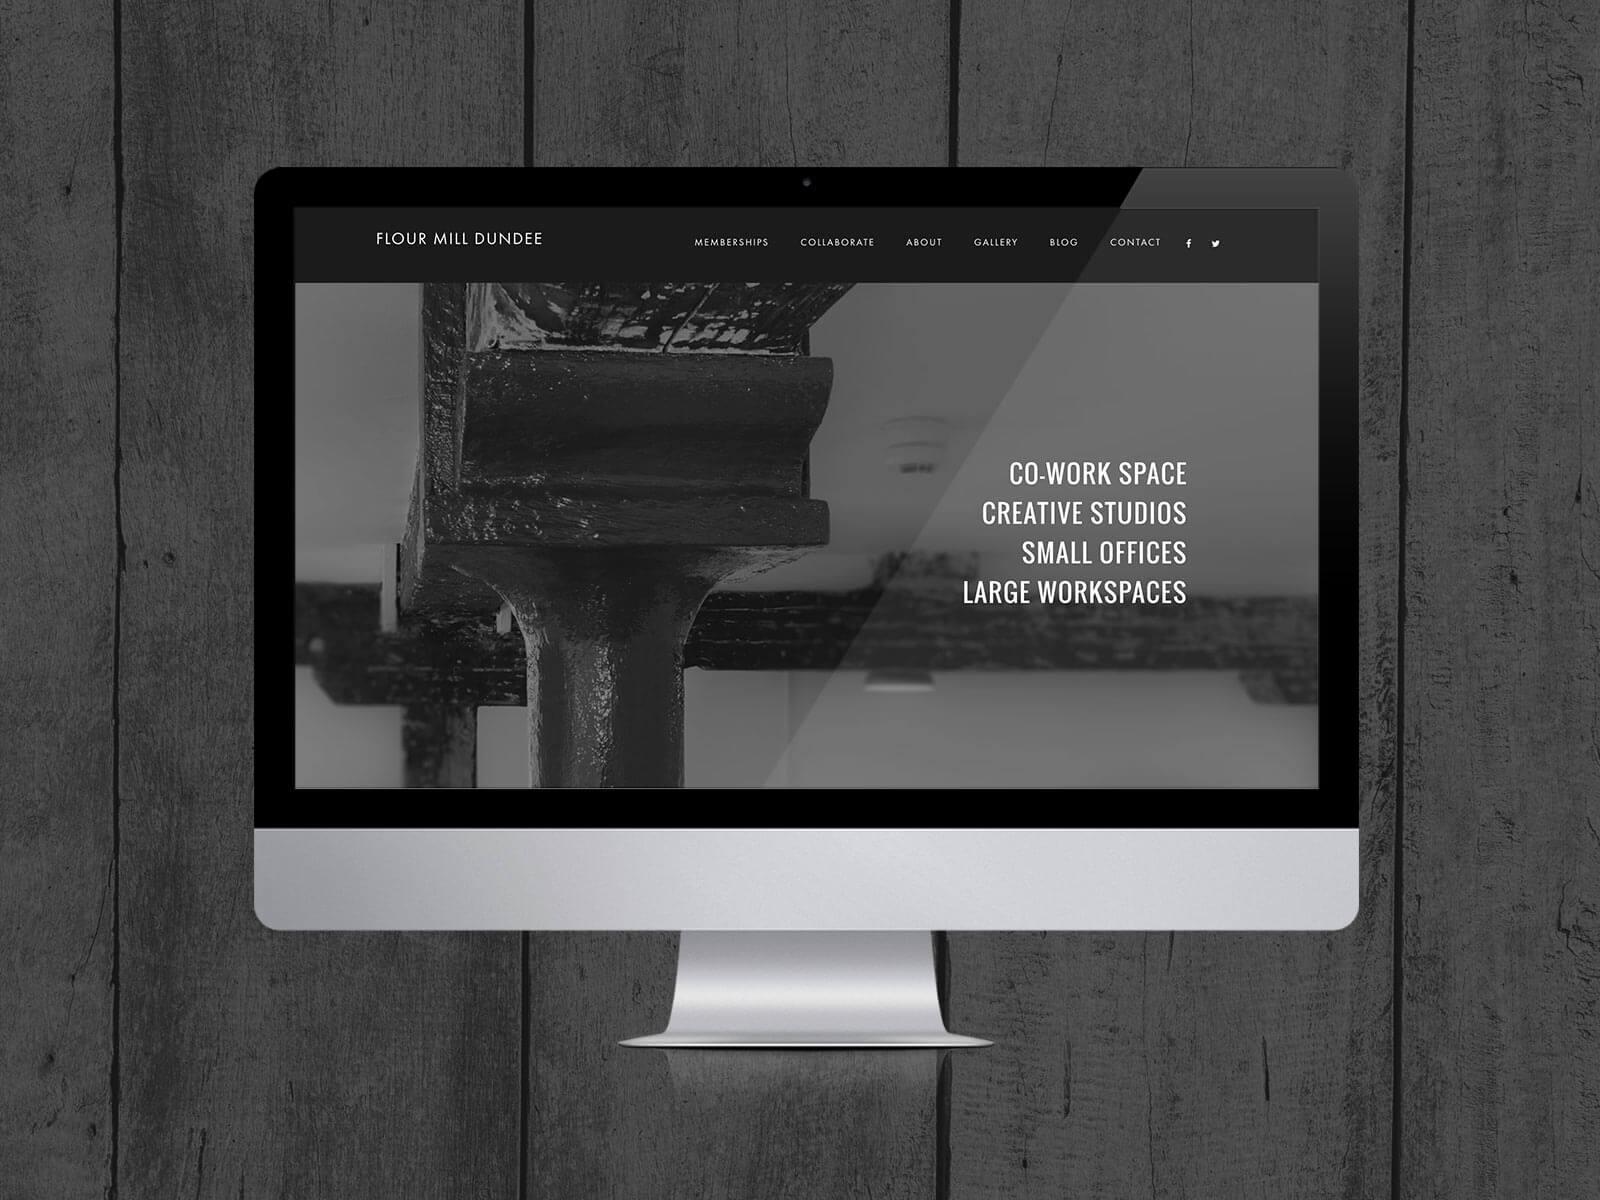 Flour-Mill-Website-Design-Dundee